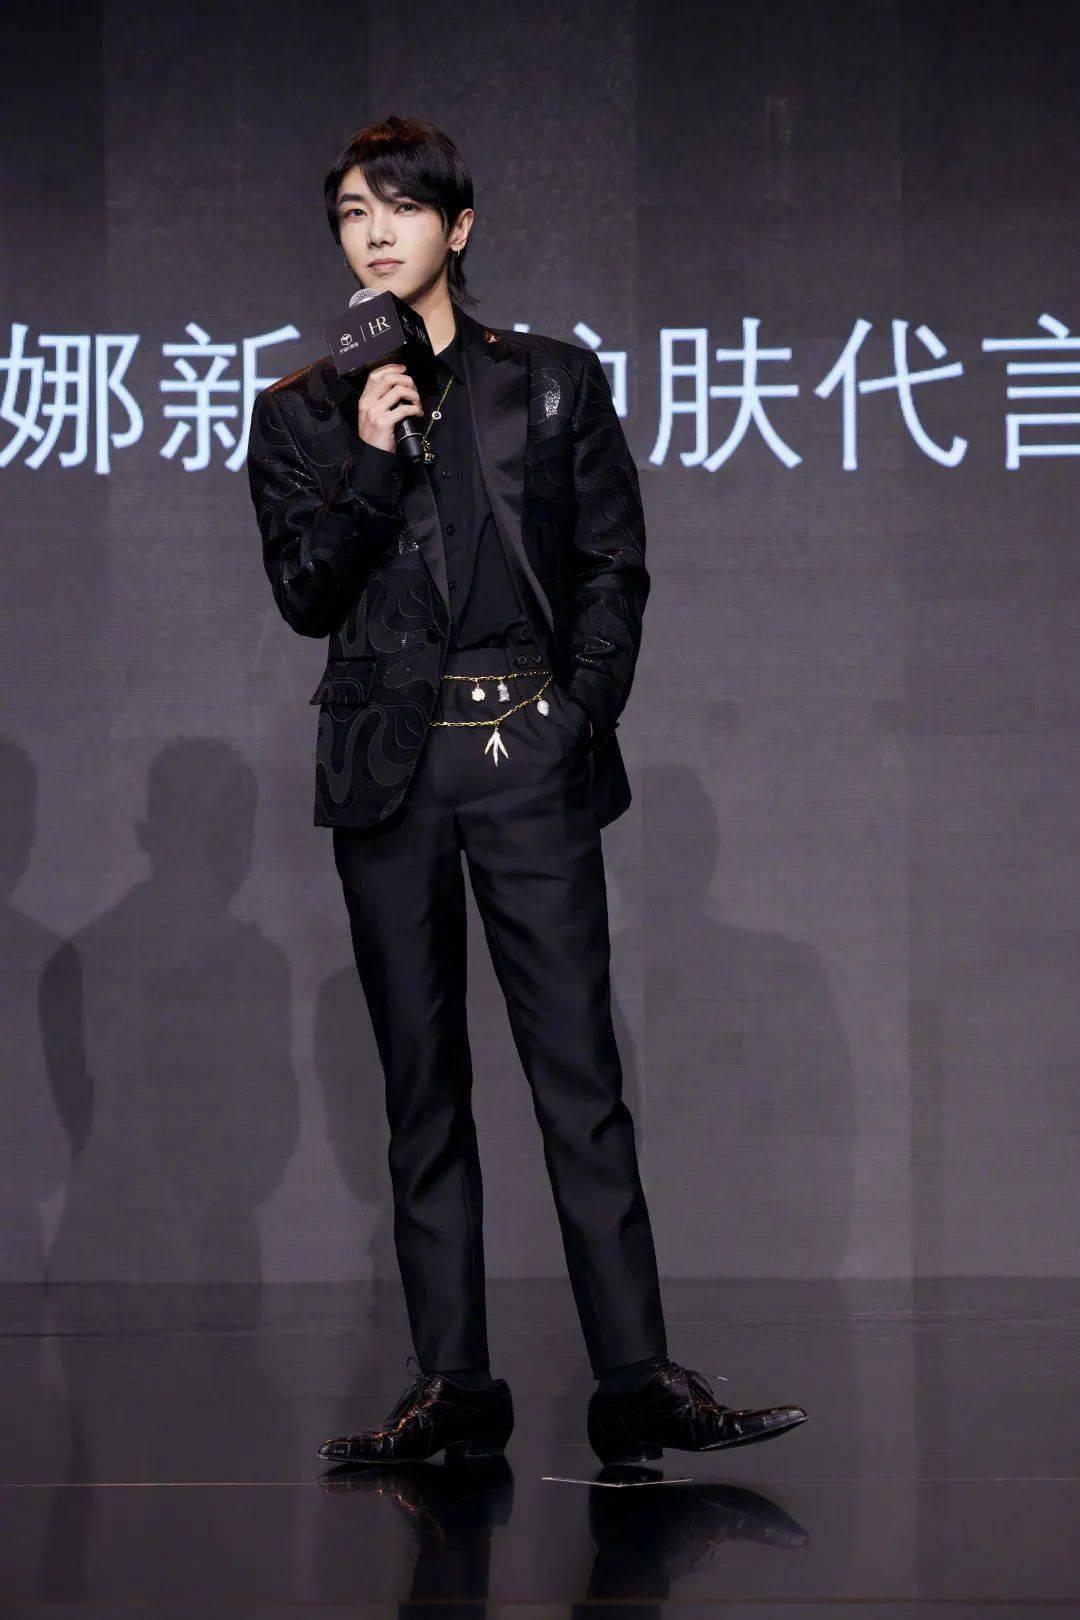 范丞丞现身Givenchy限时店,Max Mara携手秦海璐李小冉演绎非凡女性力量